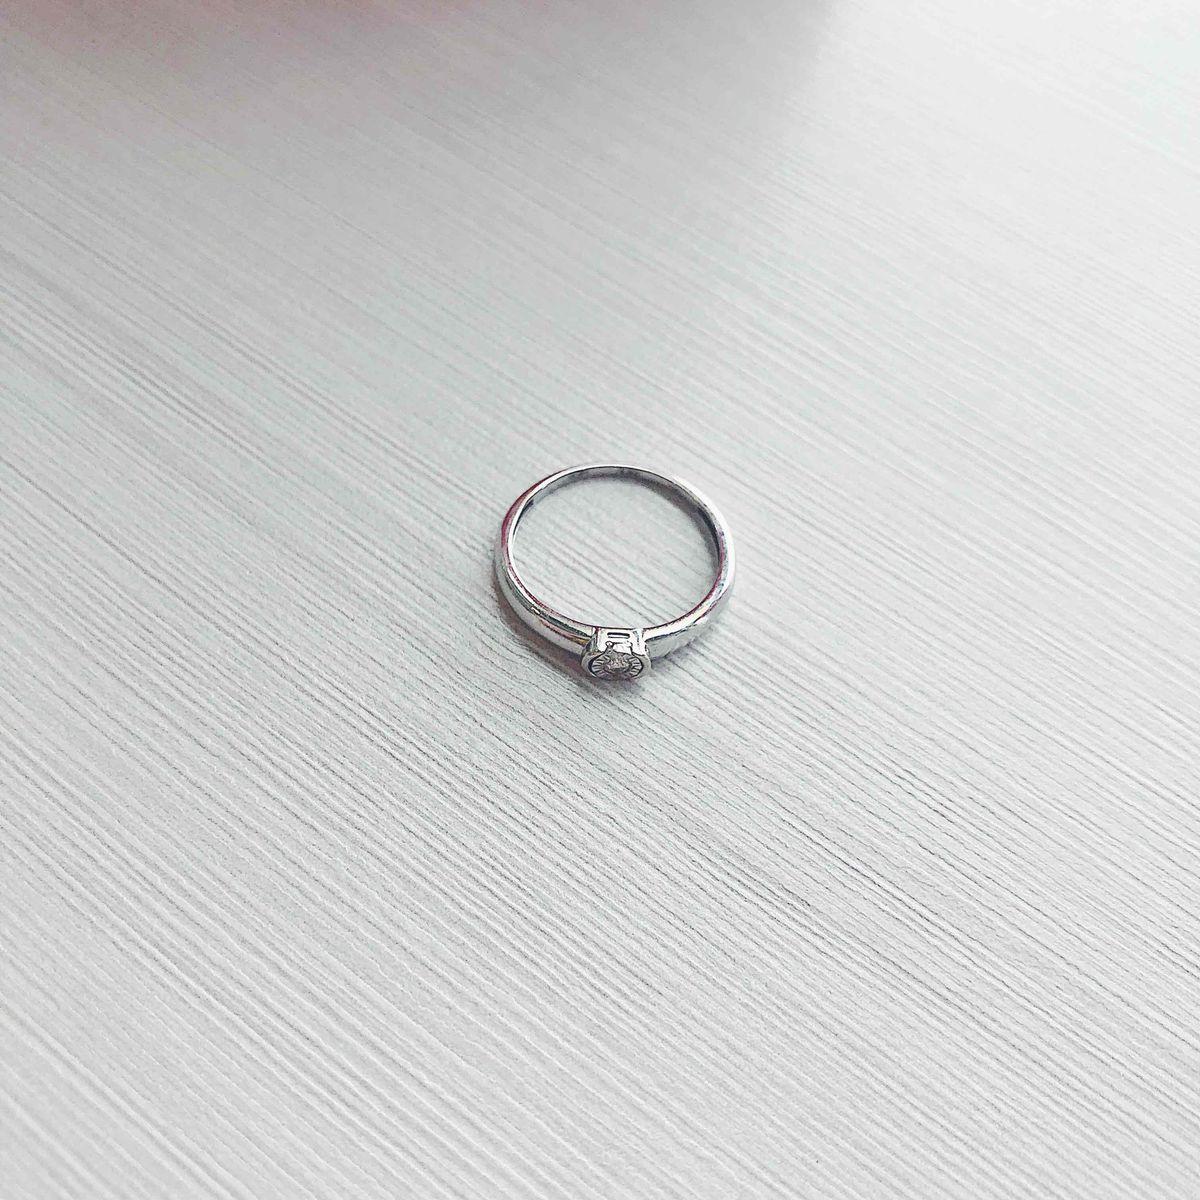 Милейшее колечко